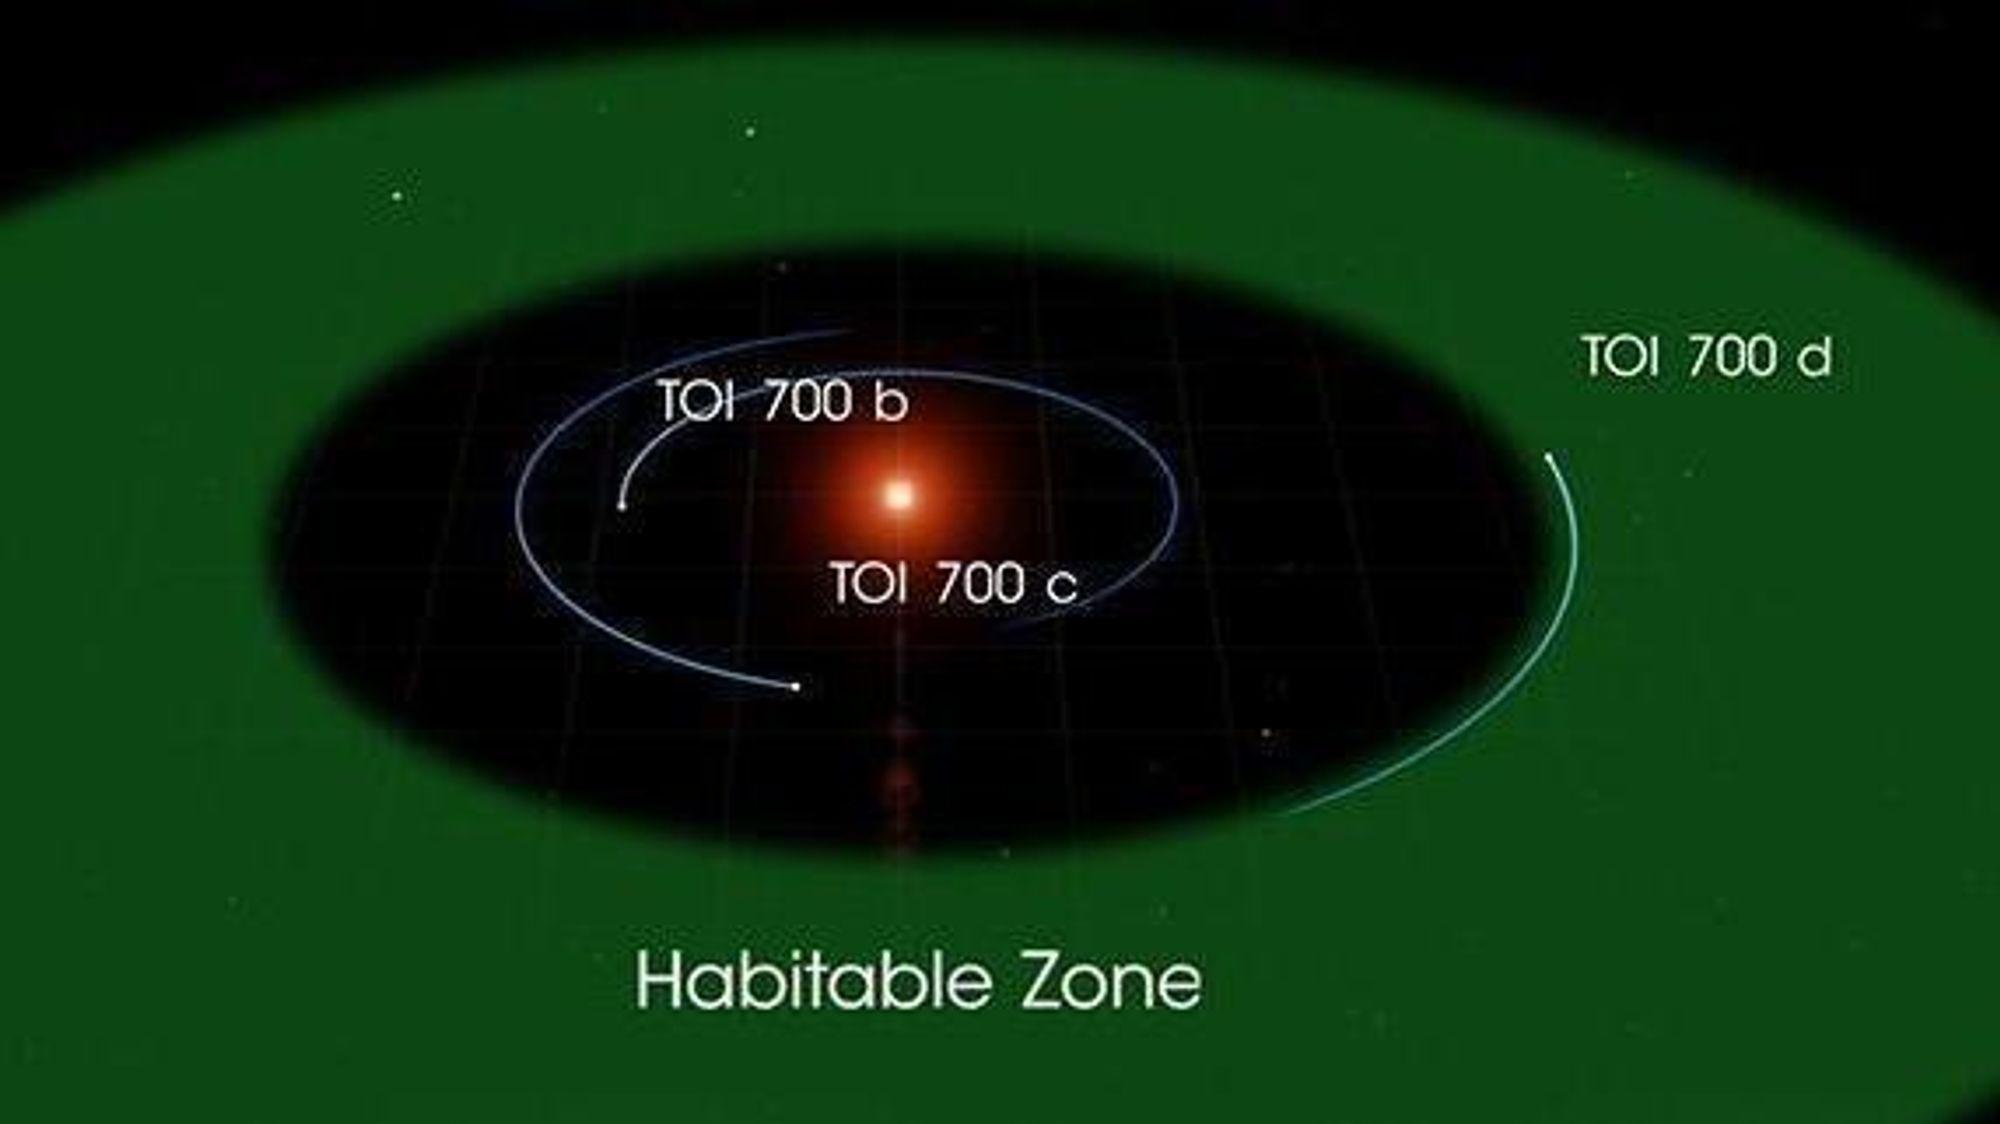 Planeten TOI 700 d er på størrelse med jorda og ligger i beboelig avstand fra sin stjerne.